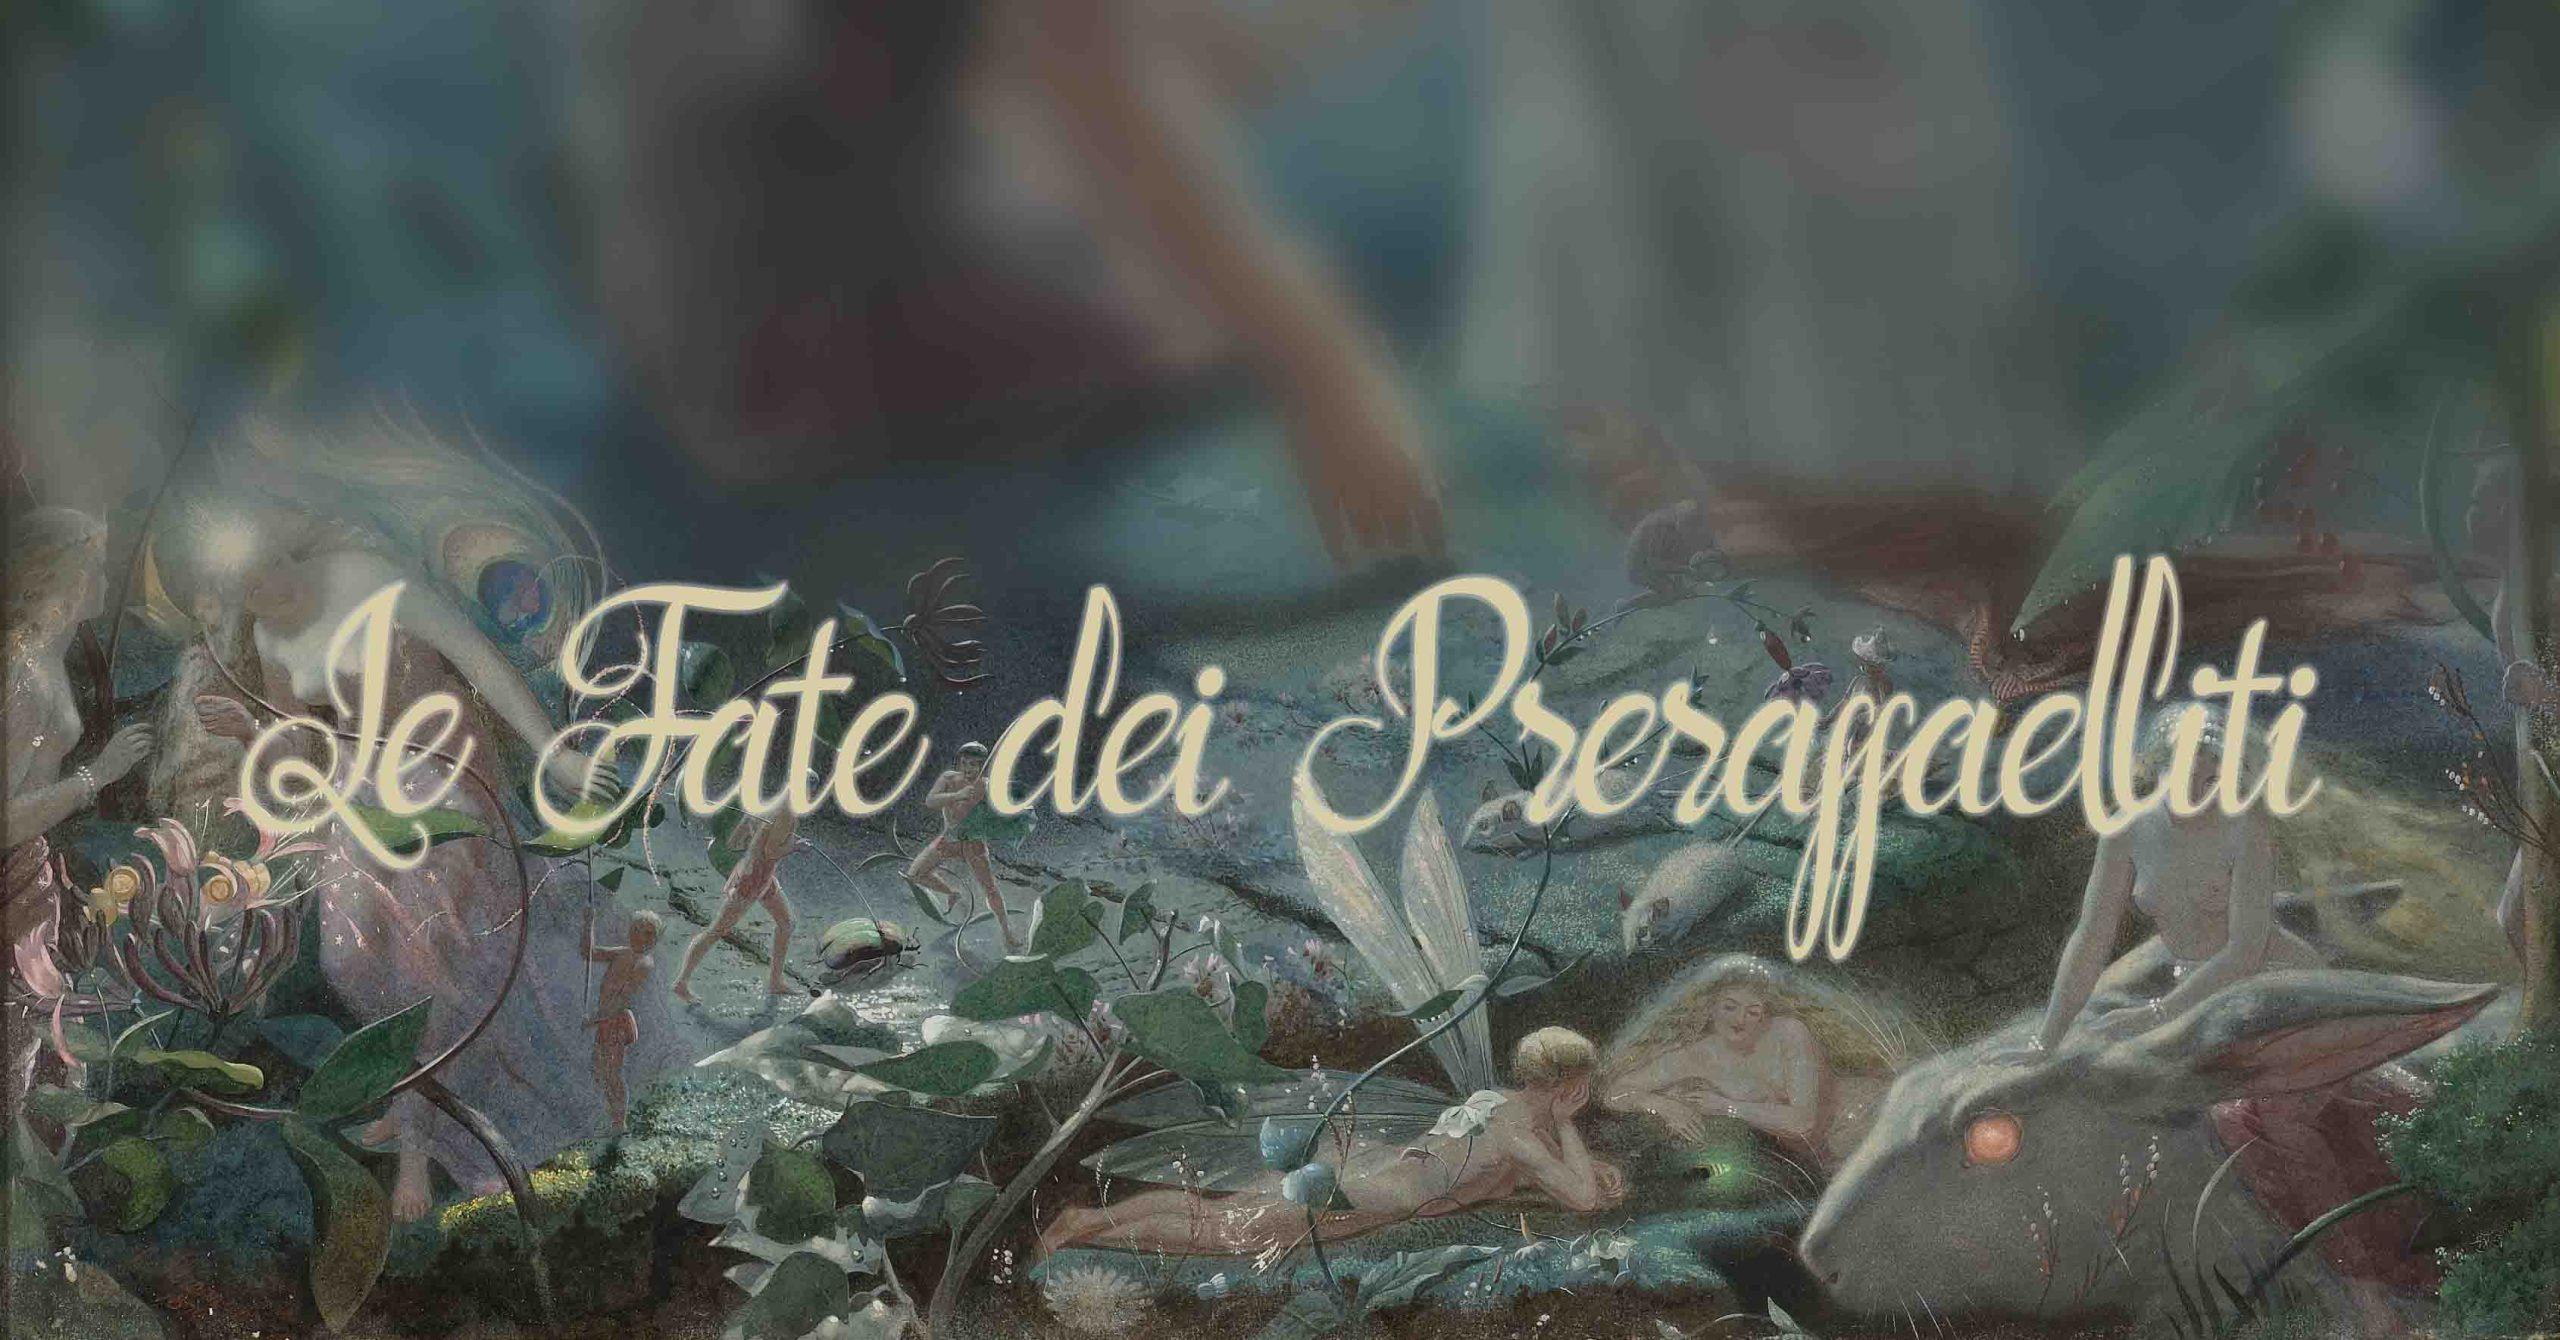 l'arte delle fate preraffaellita - fairy painting